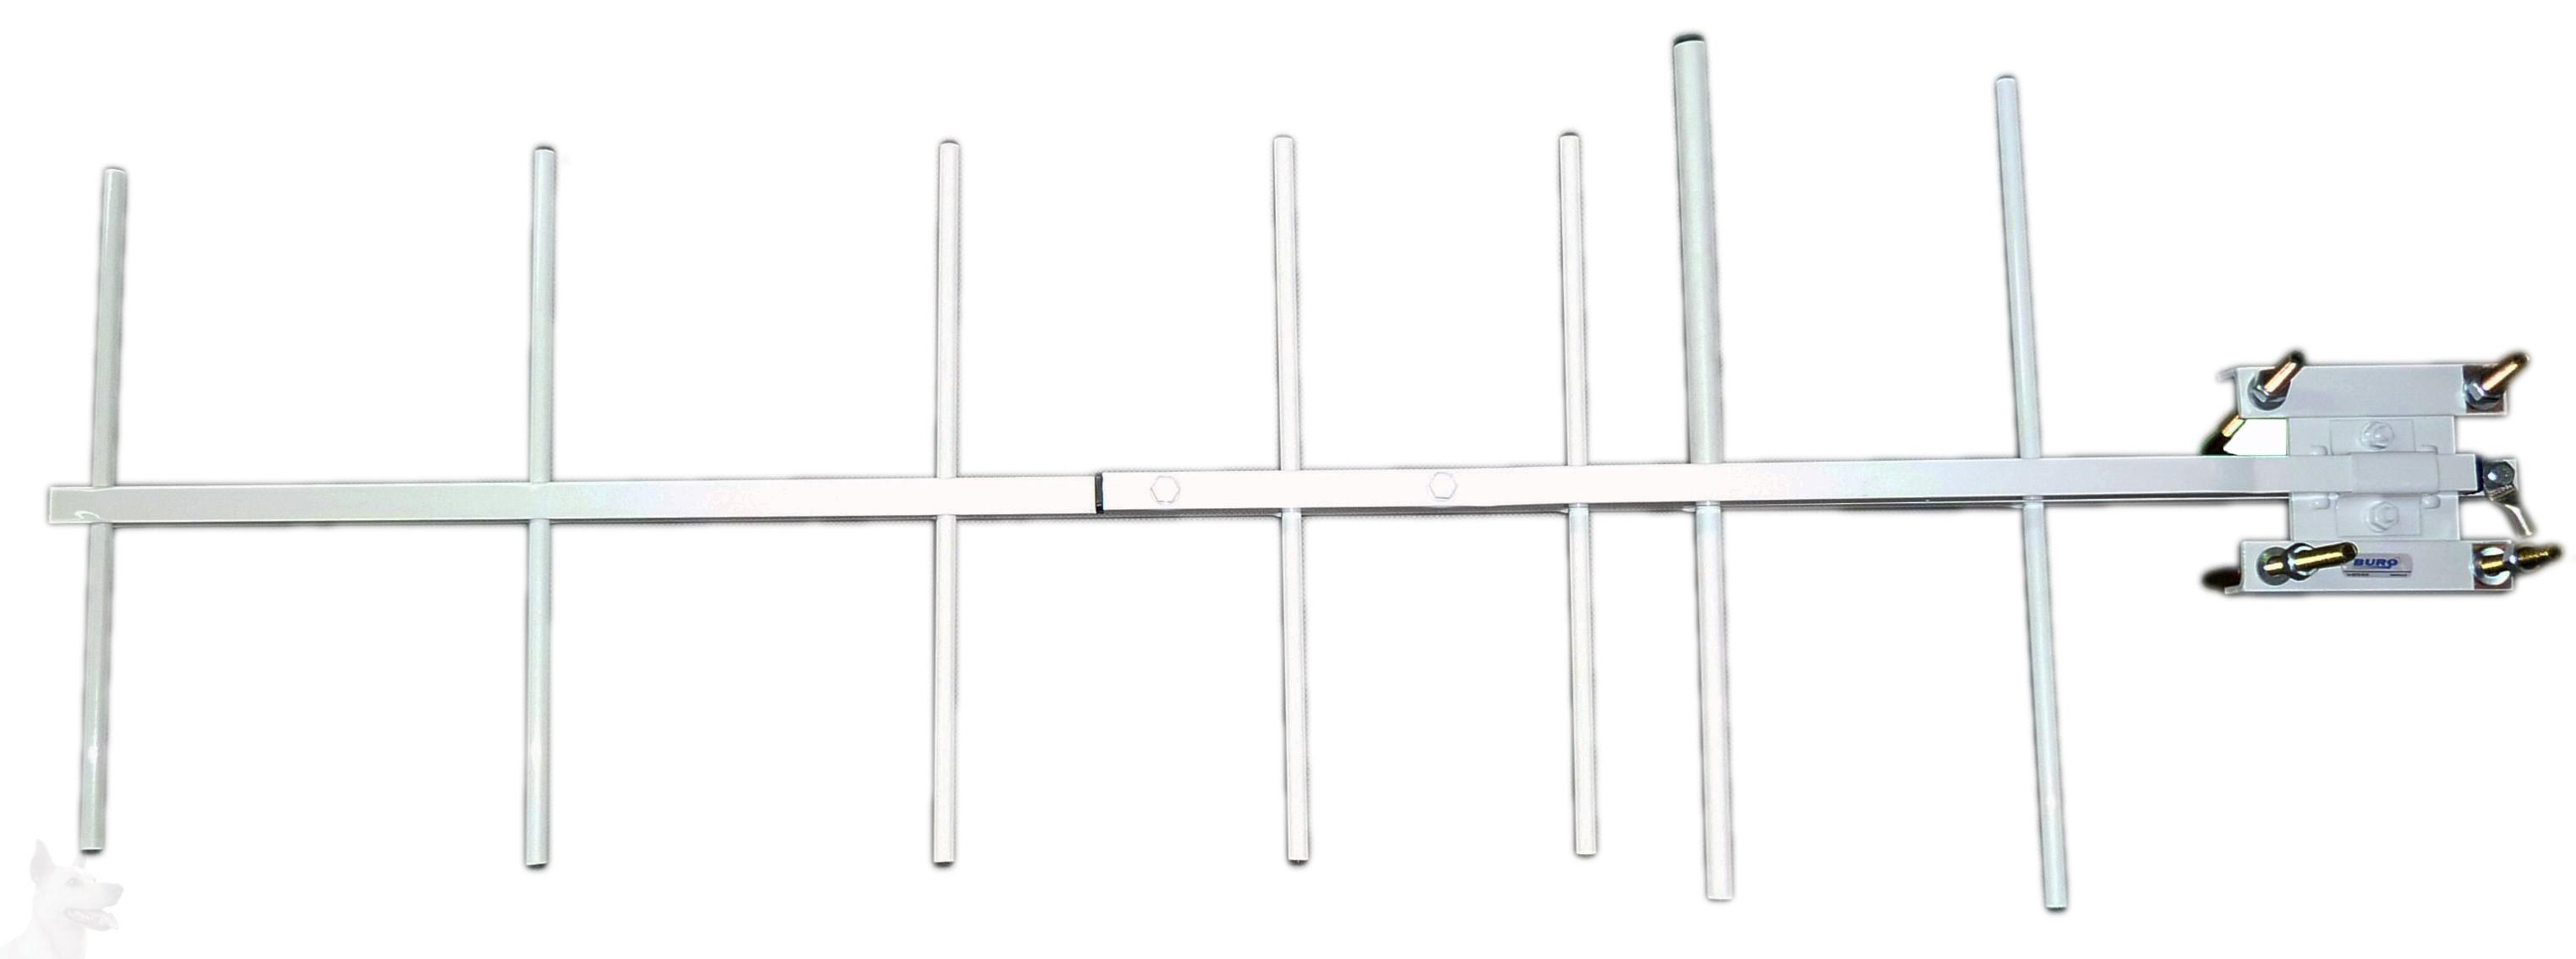 Antena Komunikacyjna Ak 7 W 17 405 435 Anteny Z Raszyna